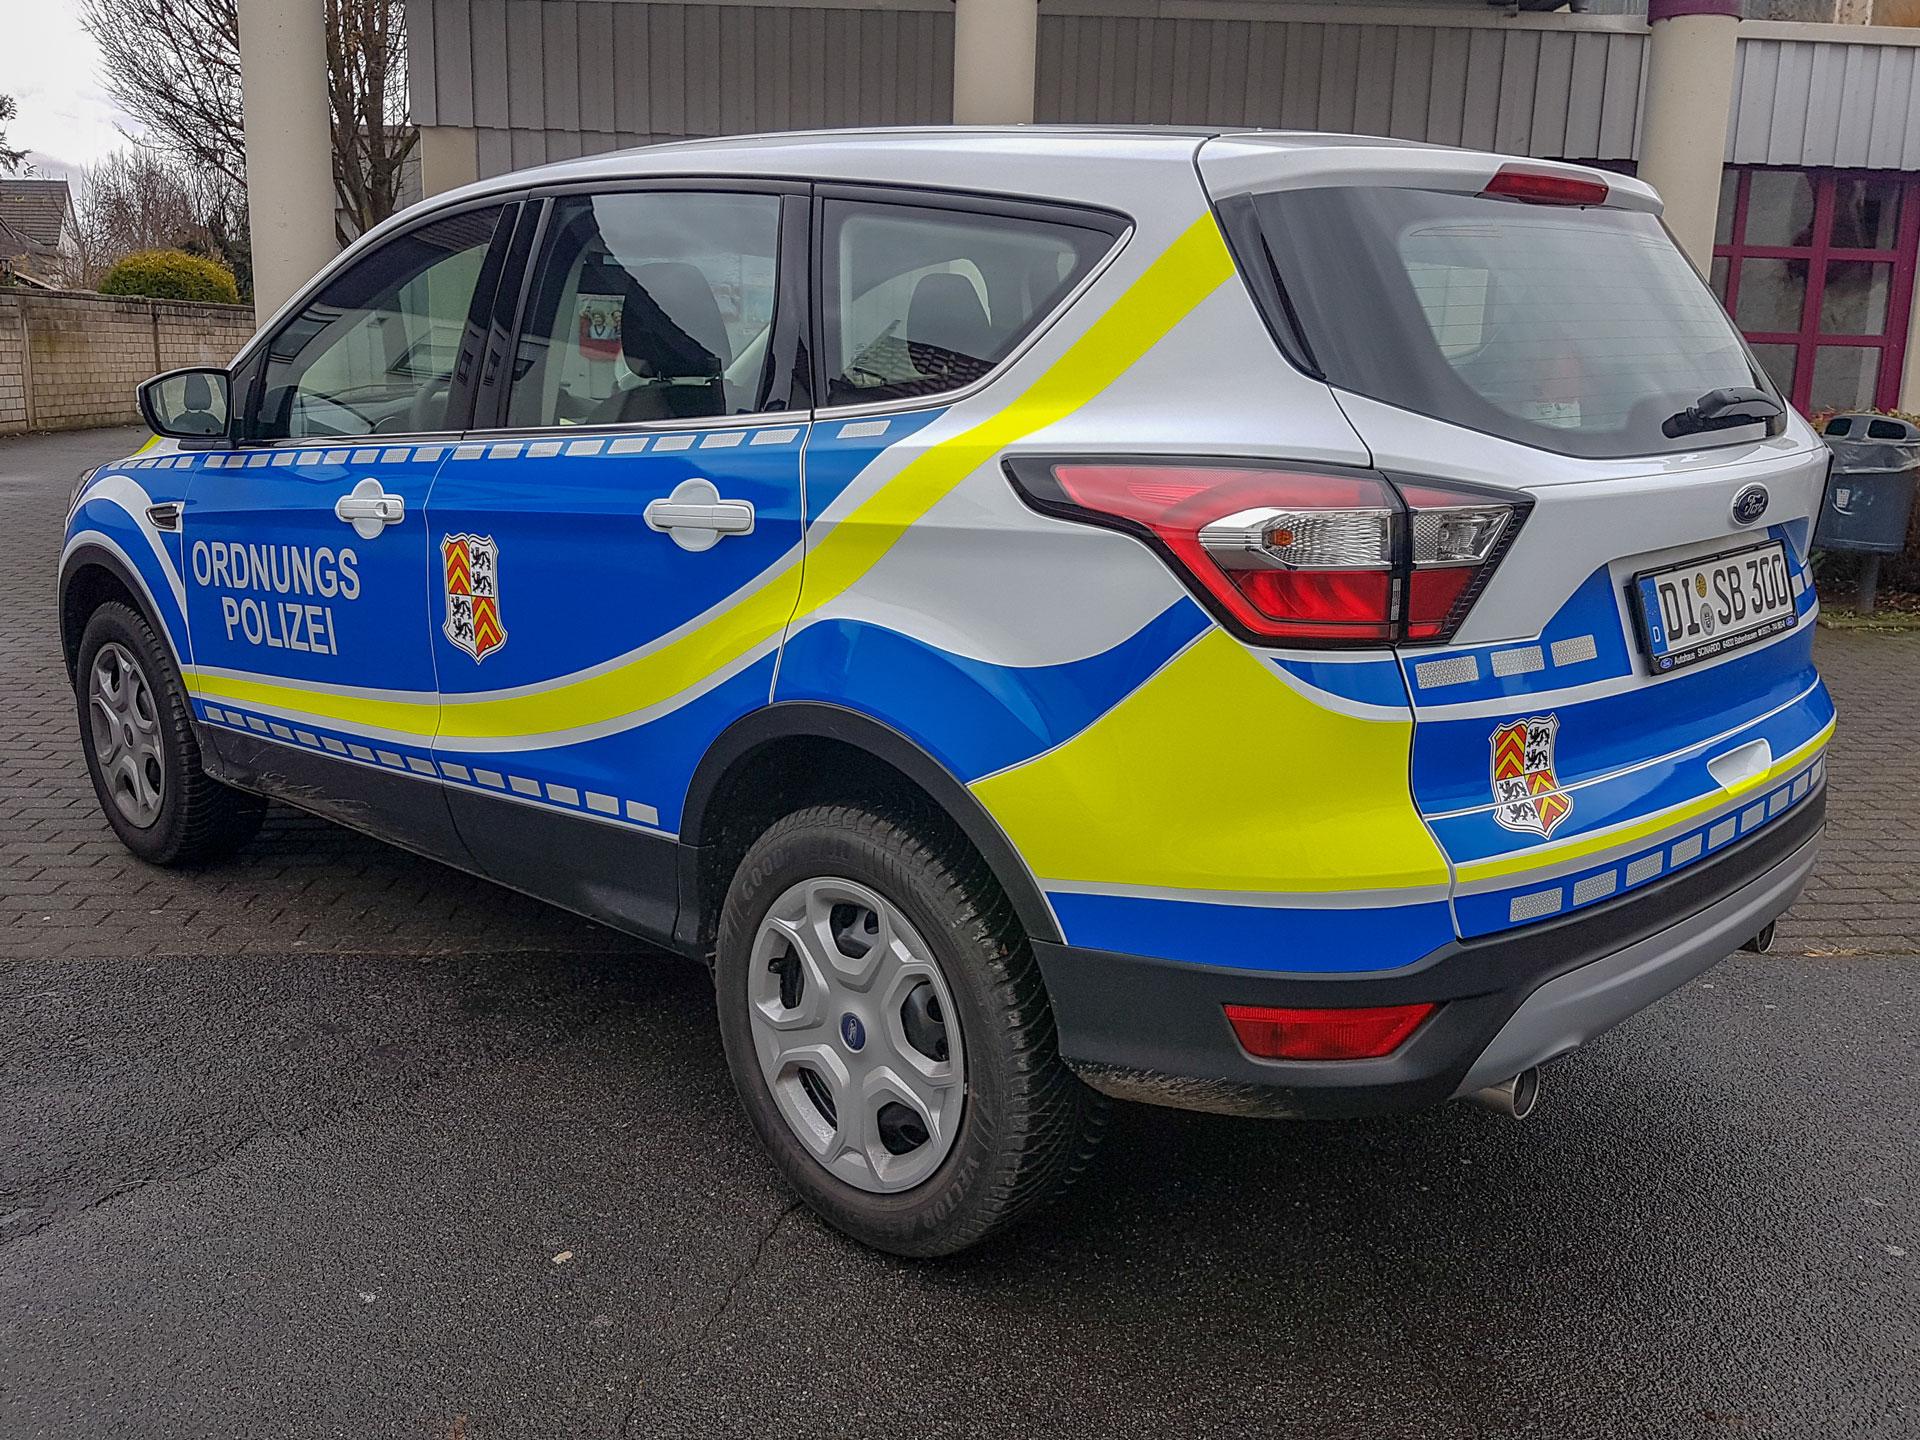 Fahrzeugbeschriftung Ordnungspolizei